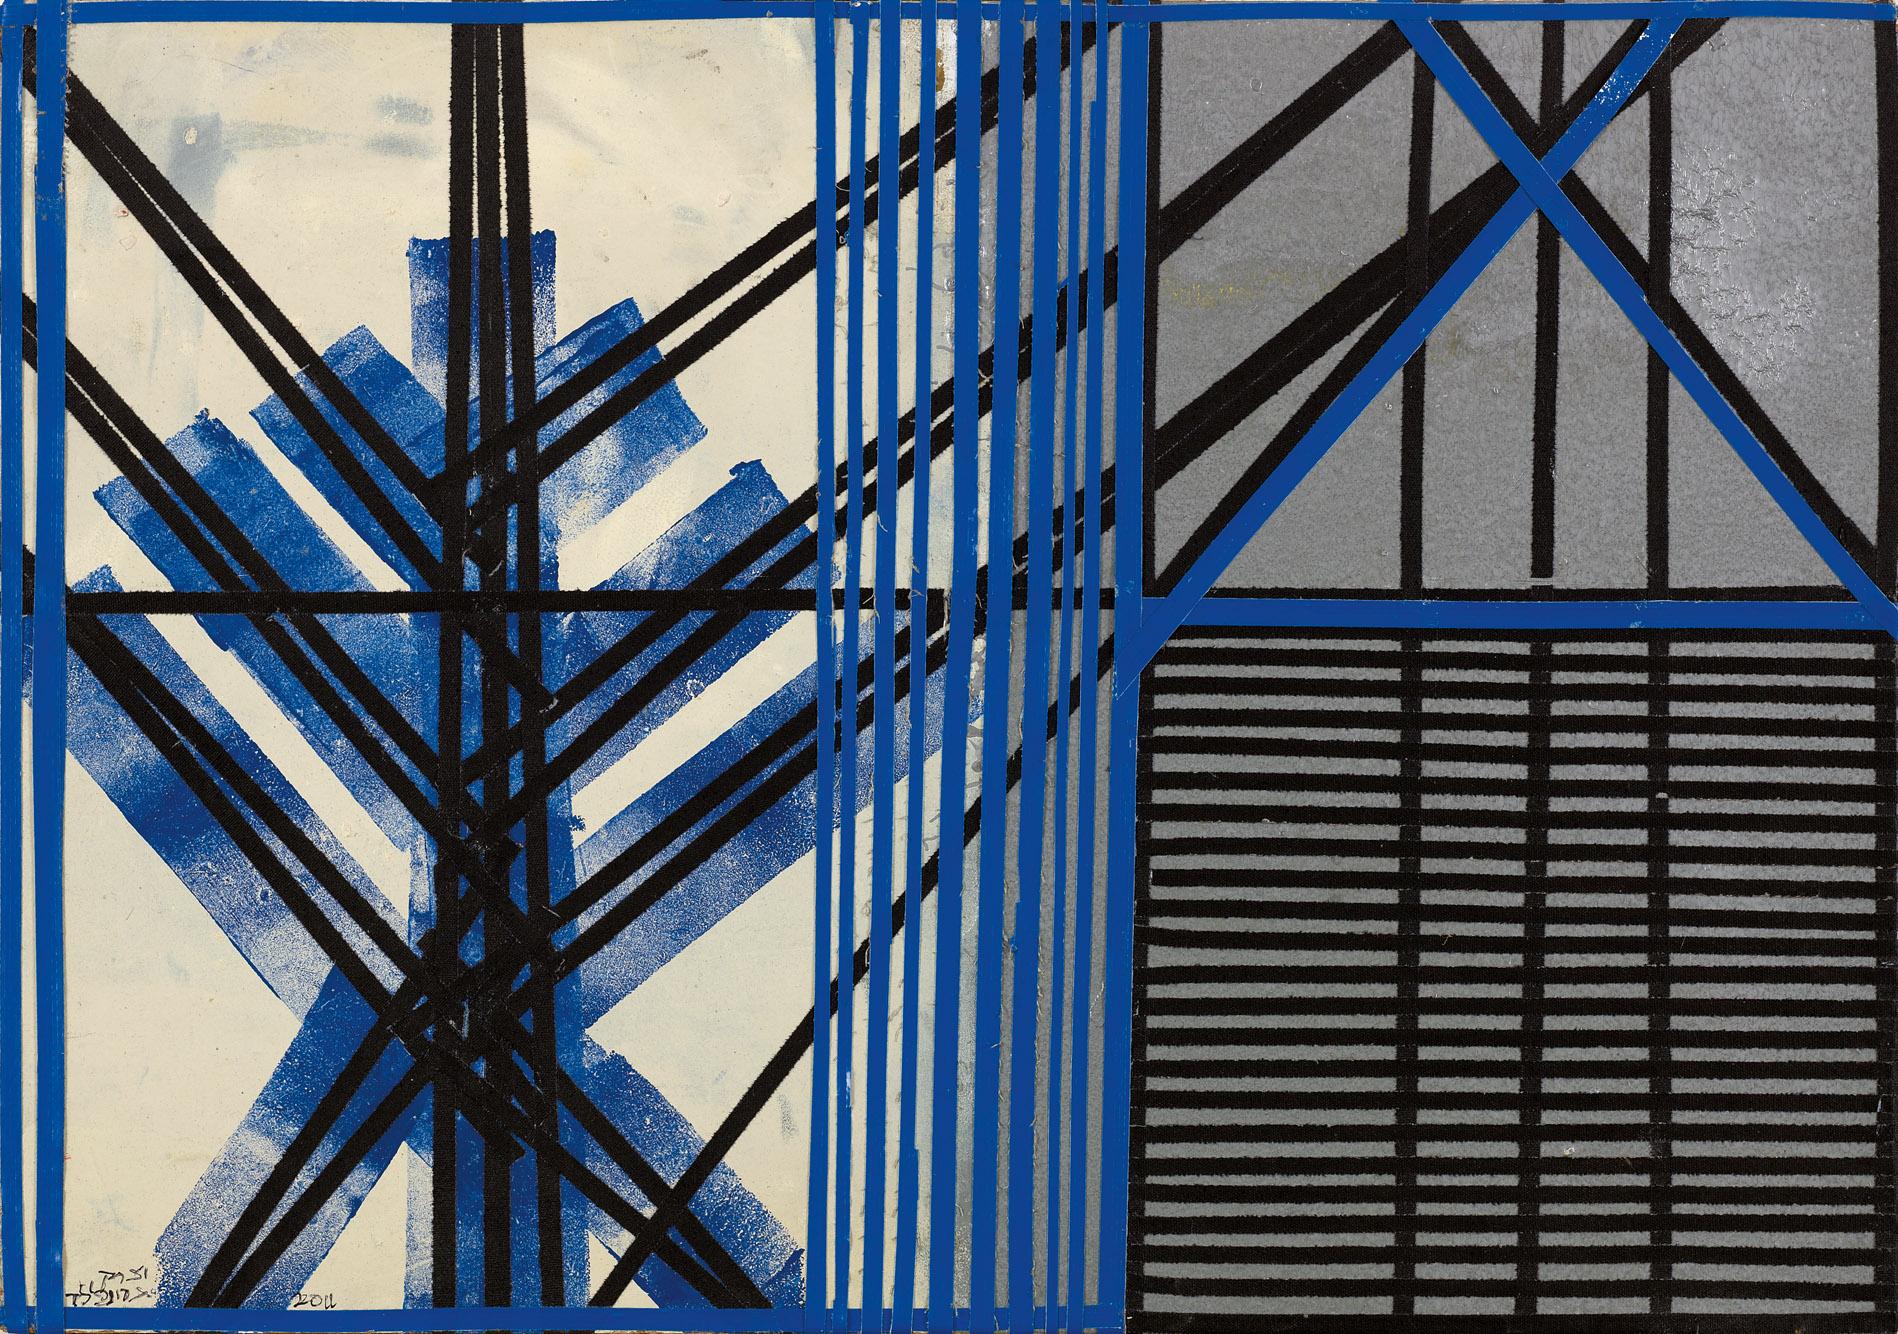 יצחק גרינפילד,   התהוות המנורה, קולאז' על עץ,      35 X 50 cm, 2011